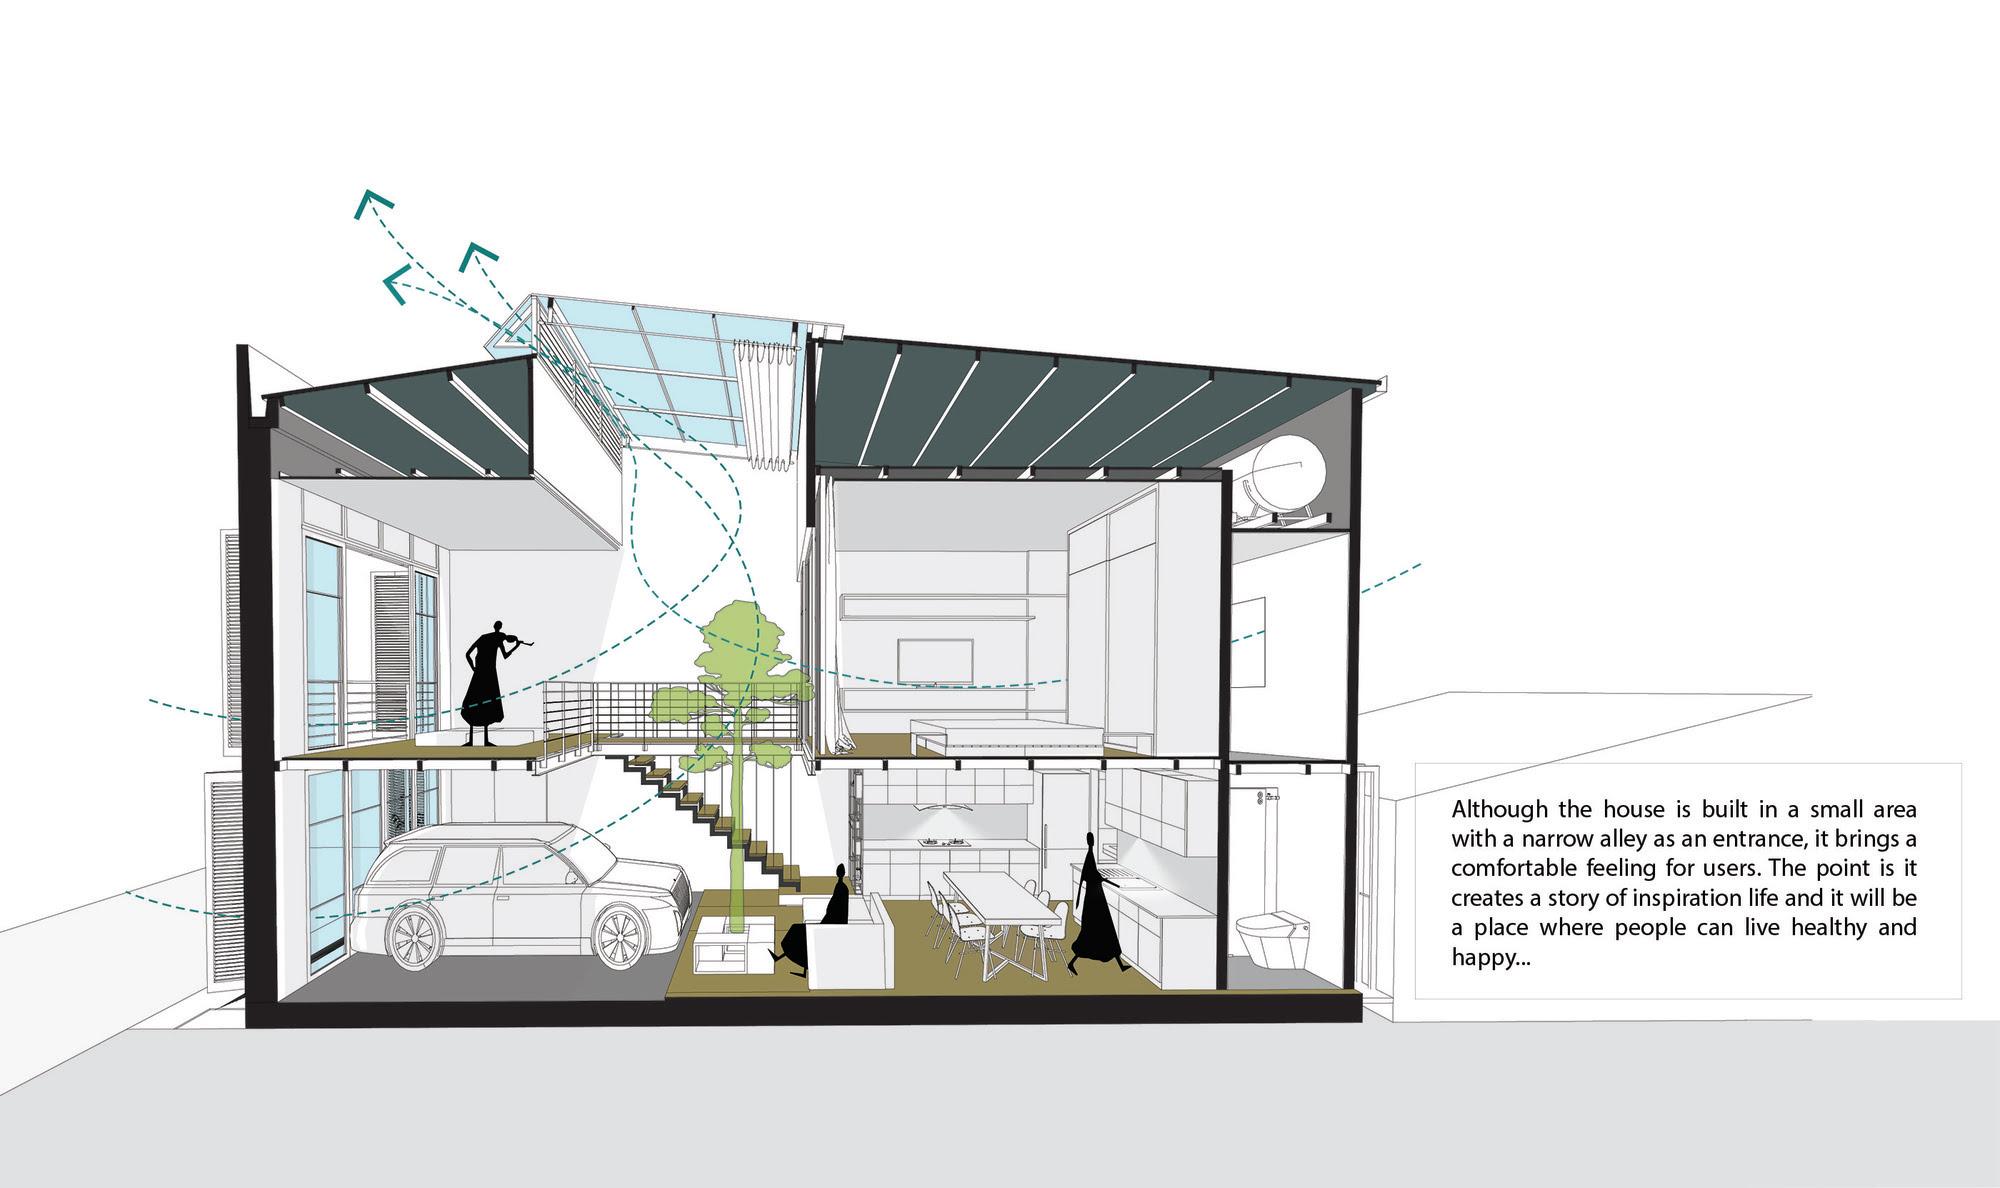 Plano de corte 3D muestra la ventilación cruzado e iluminación central